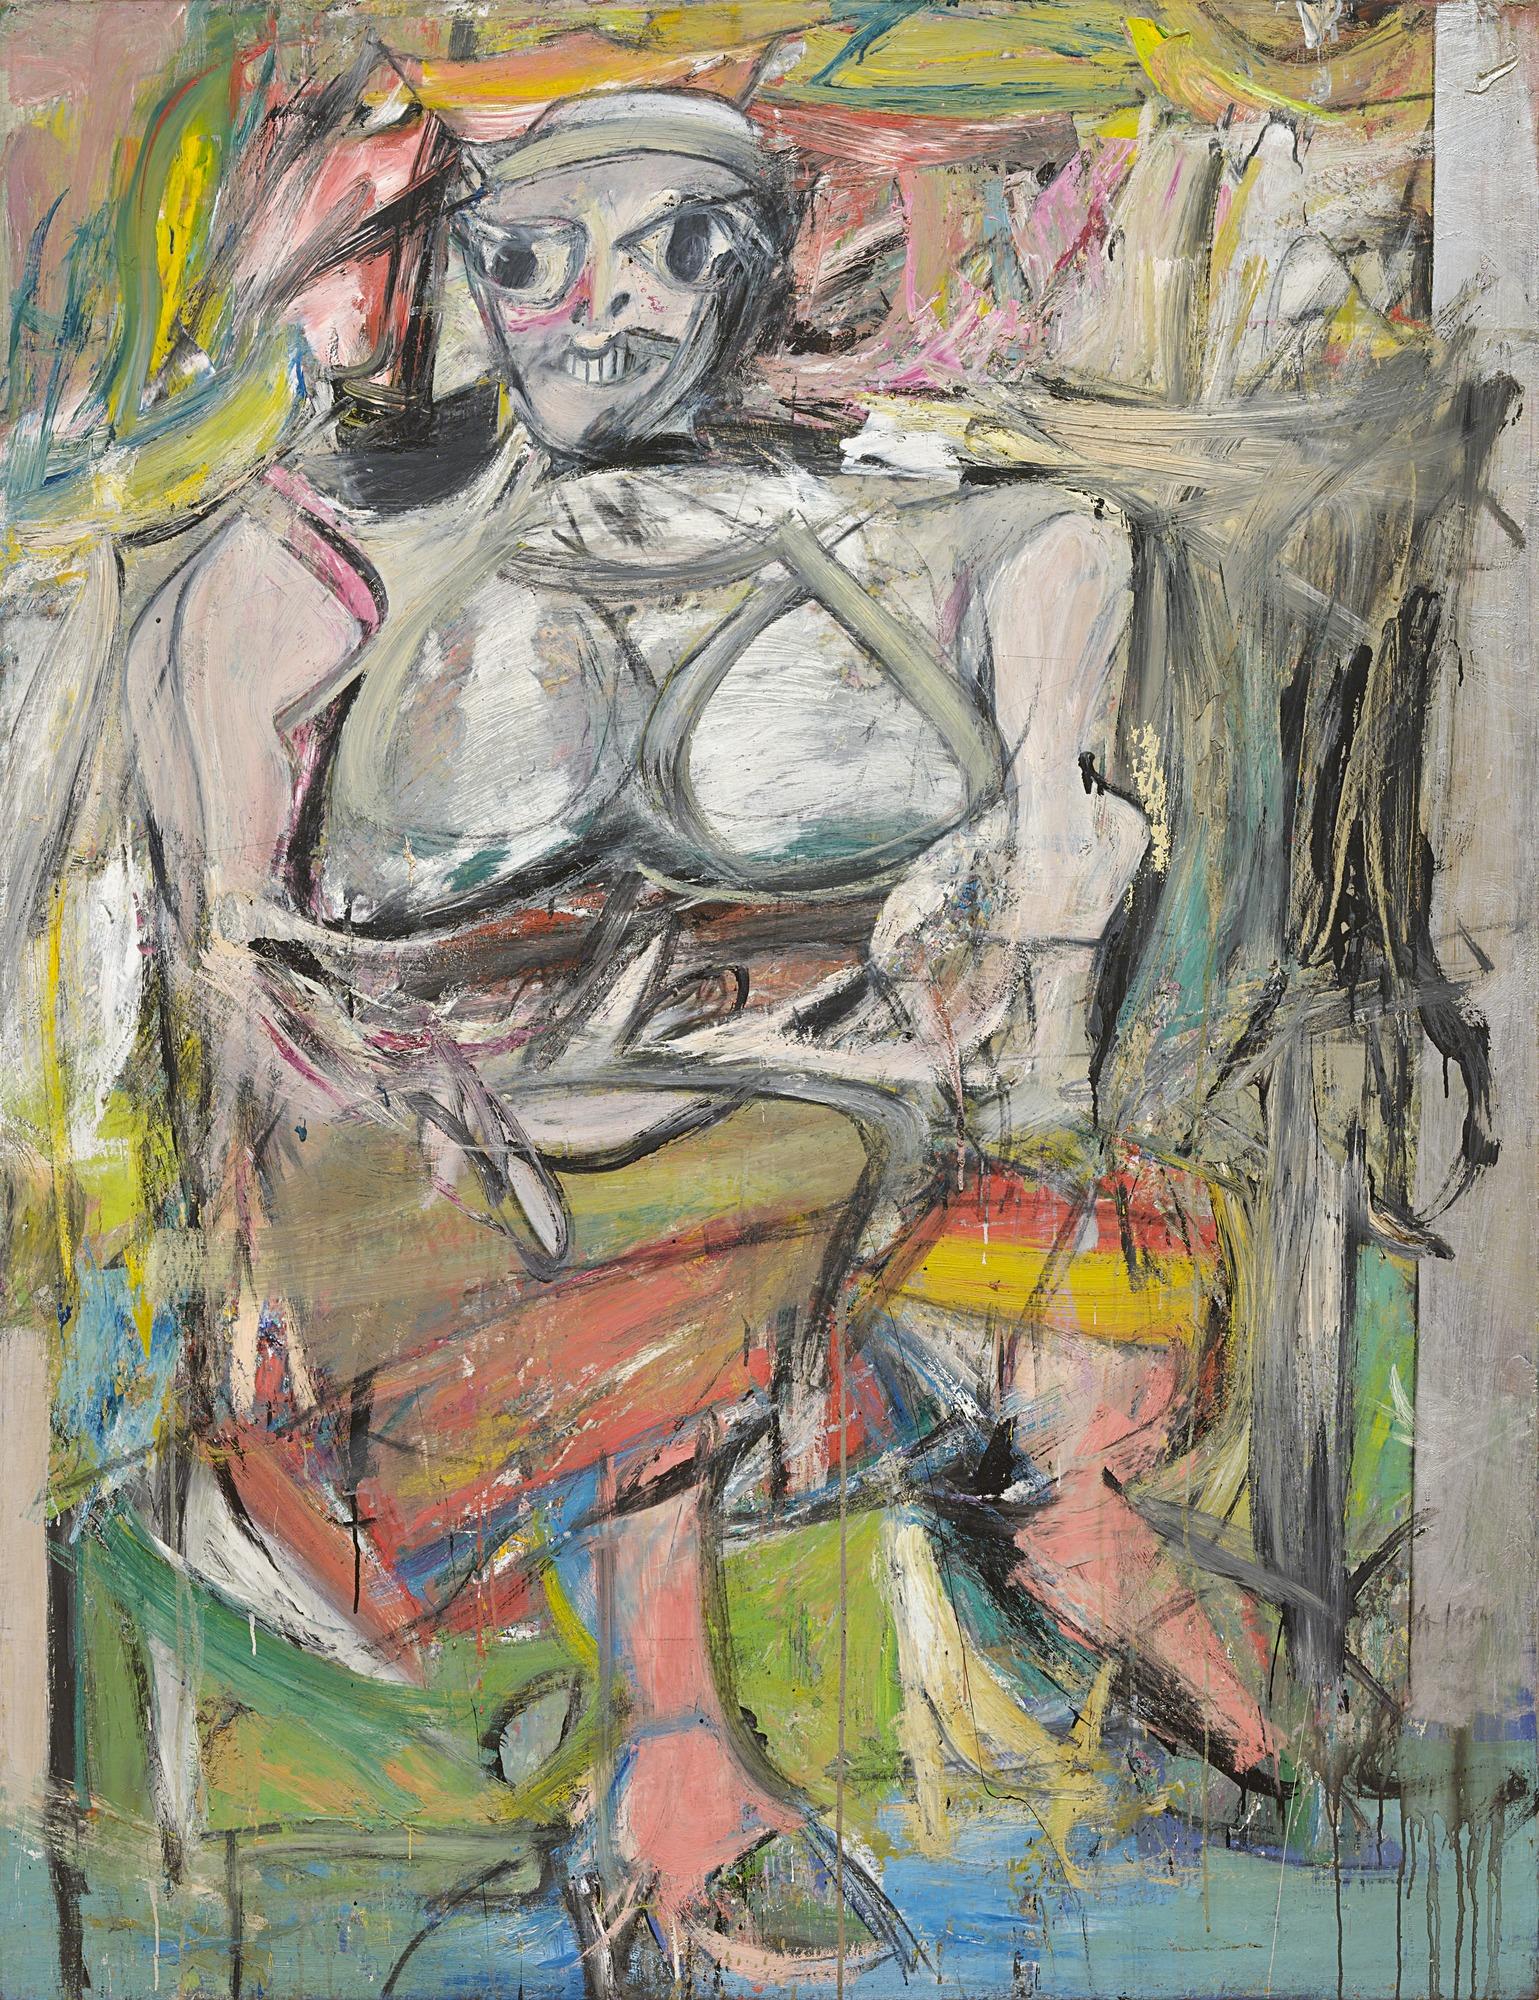 Willem de Kooning, Woman I, 1950-1952